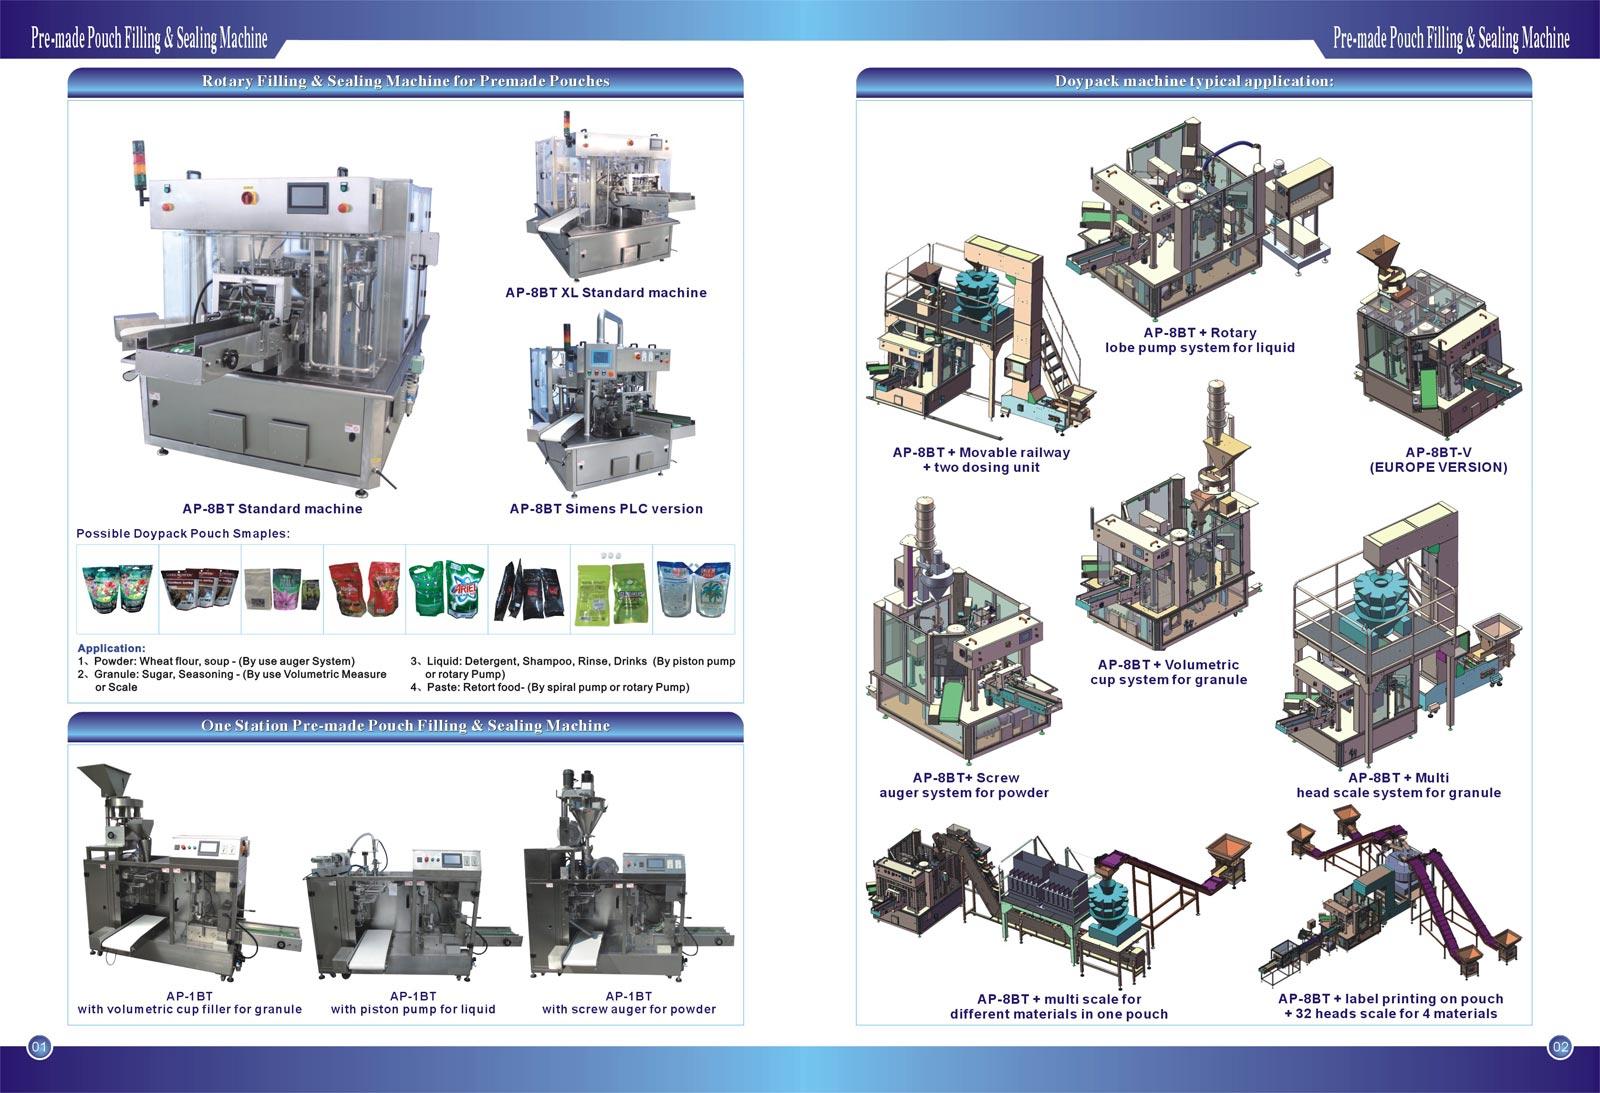 1-Forpackningsmaskiner